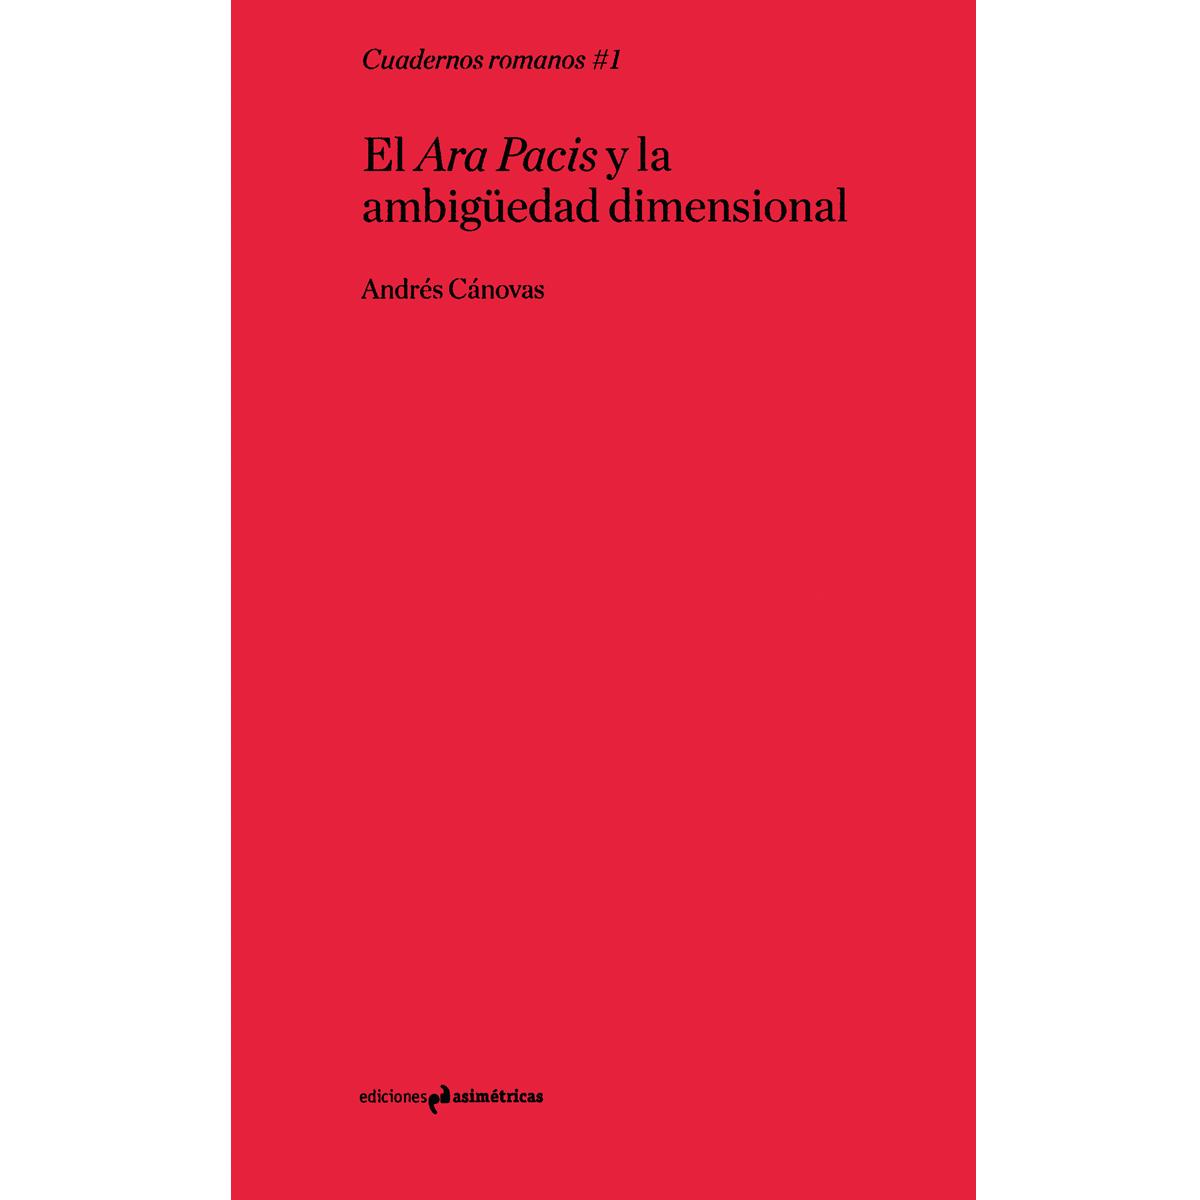 El Ara Pacis y la ambigüedad dimensional